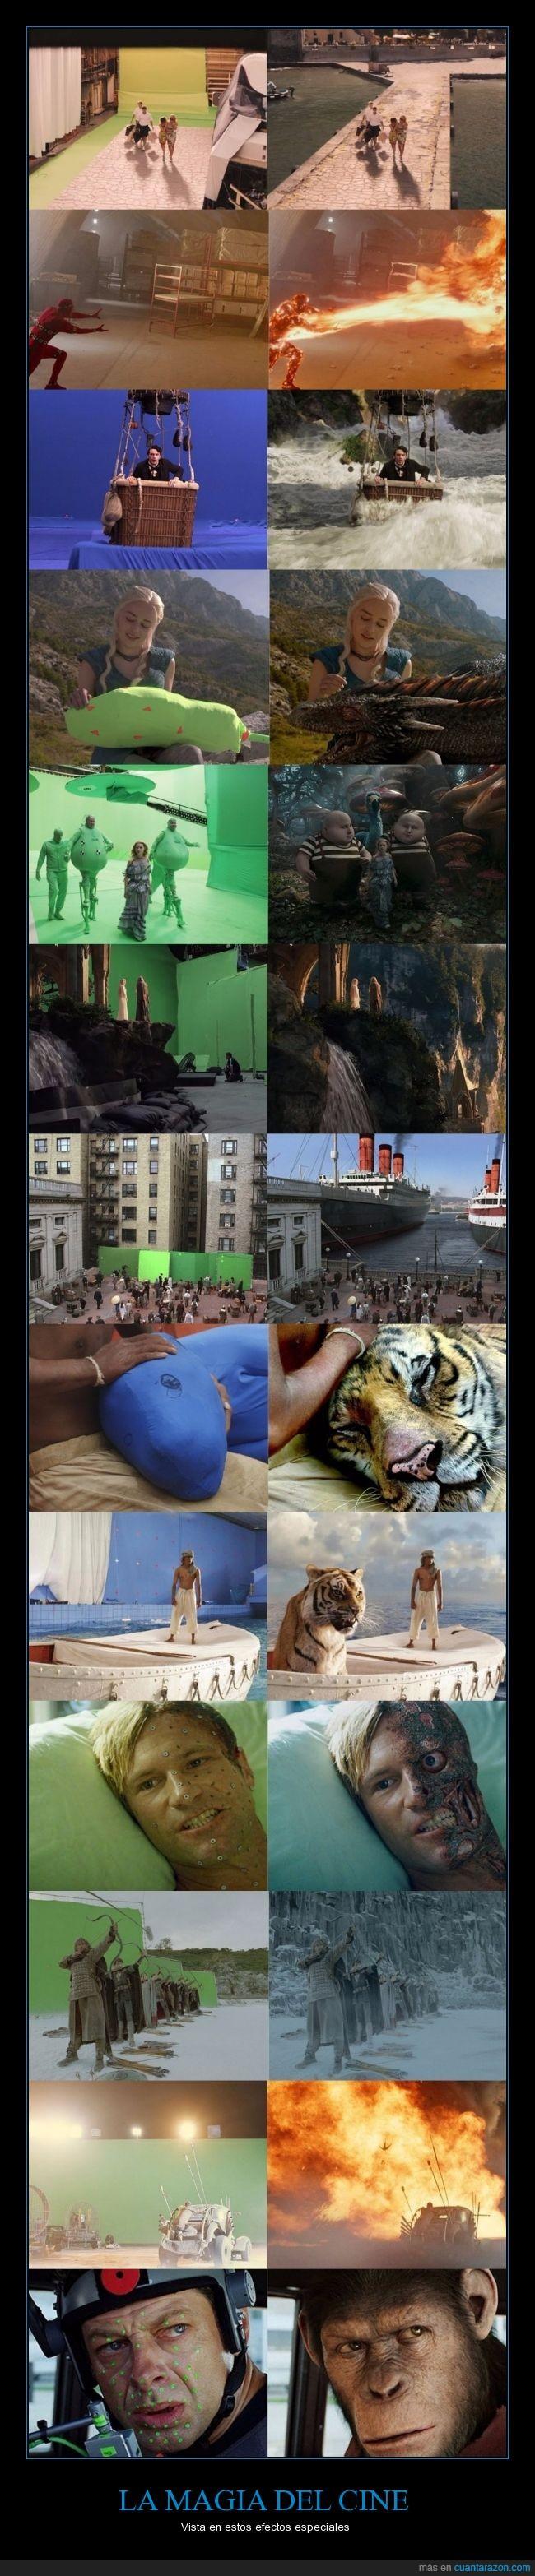 cine,efectos especiales,películas,urbanian